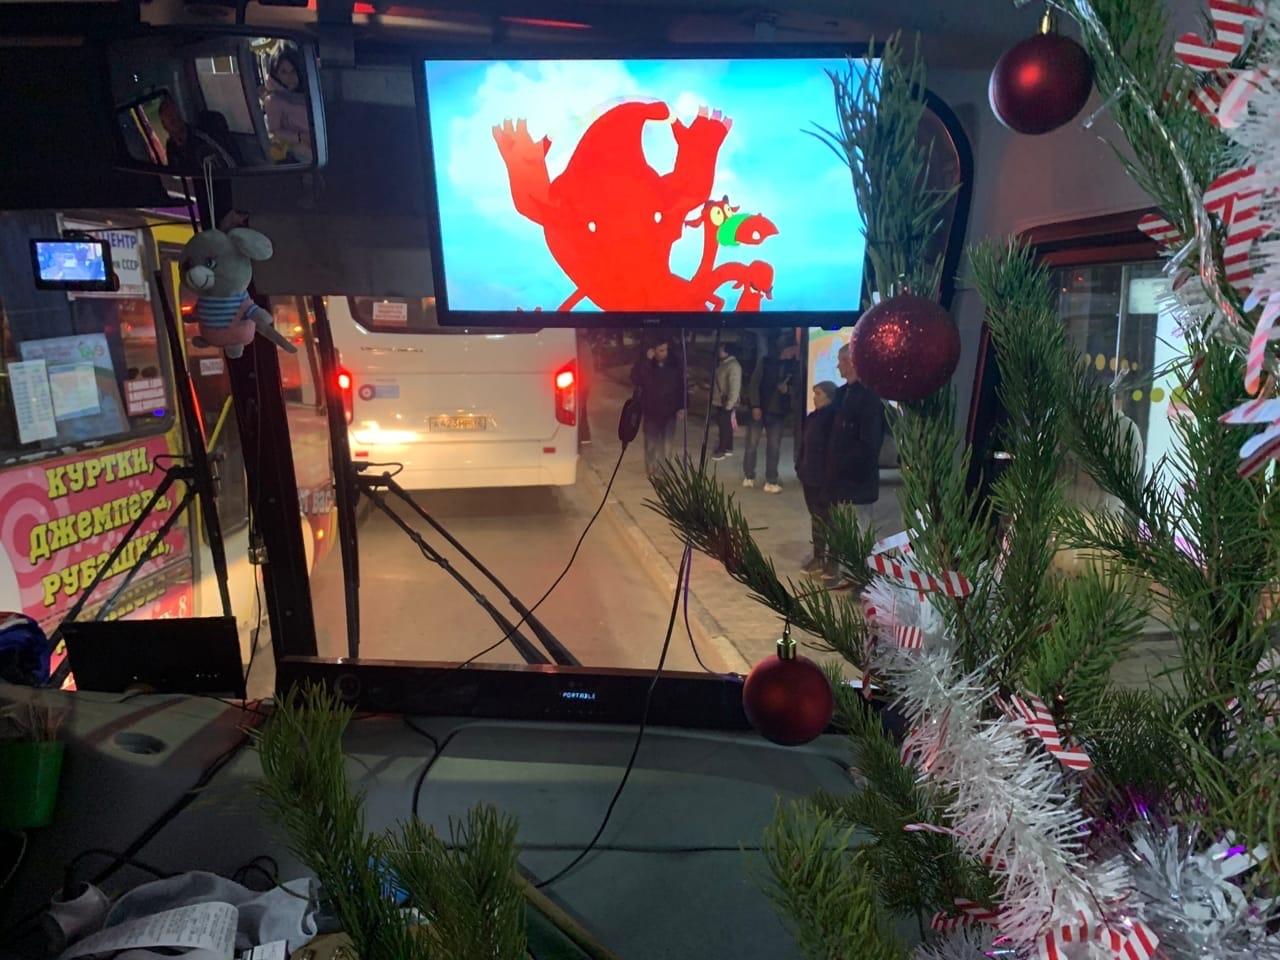 Живая елка, новогодние клипы, гирлянда: севастопольцы в восторге от праздничного автобуса